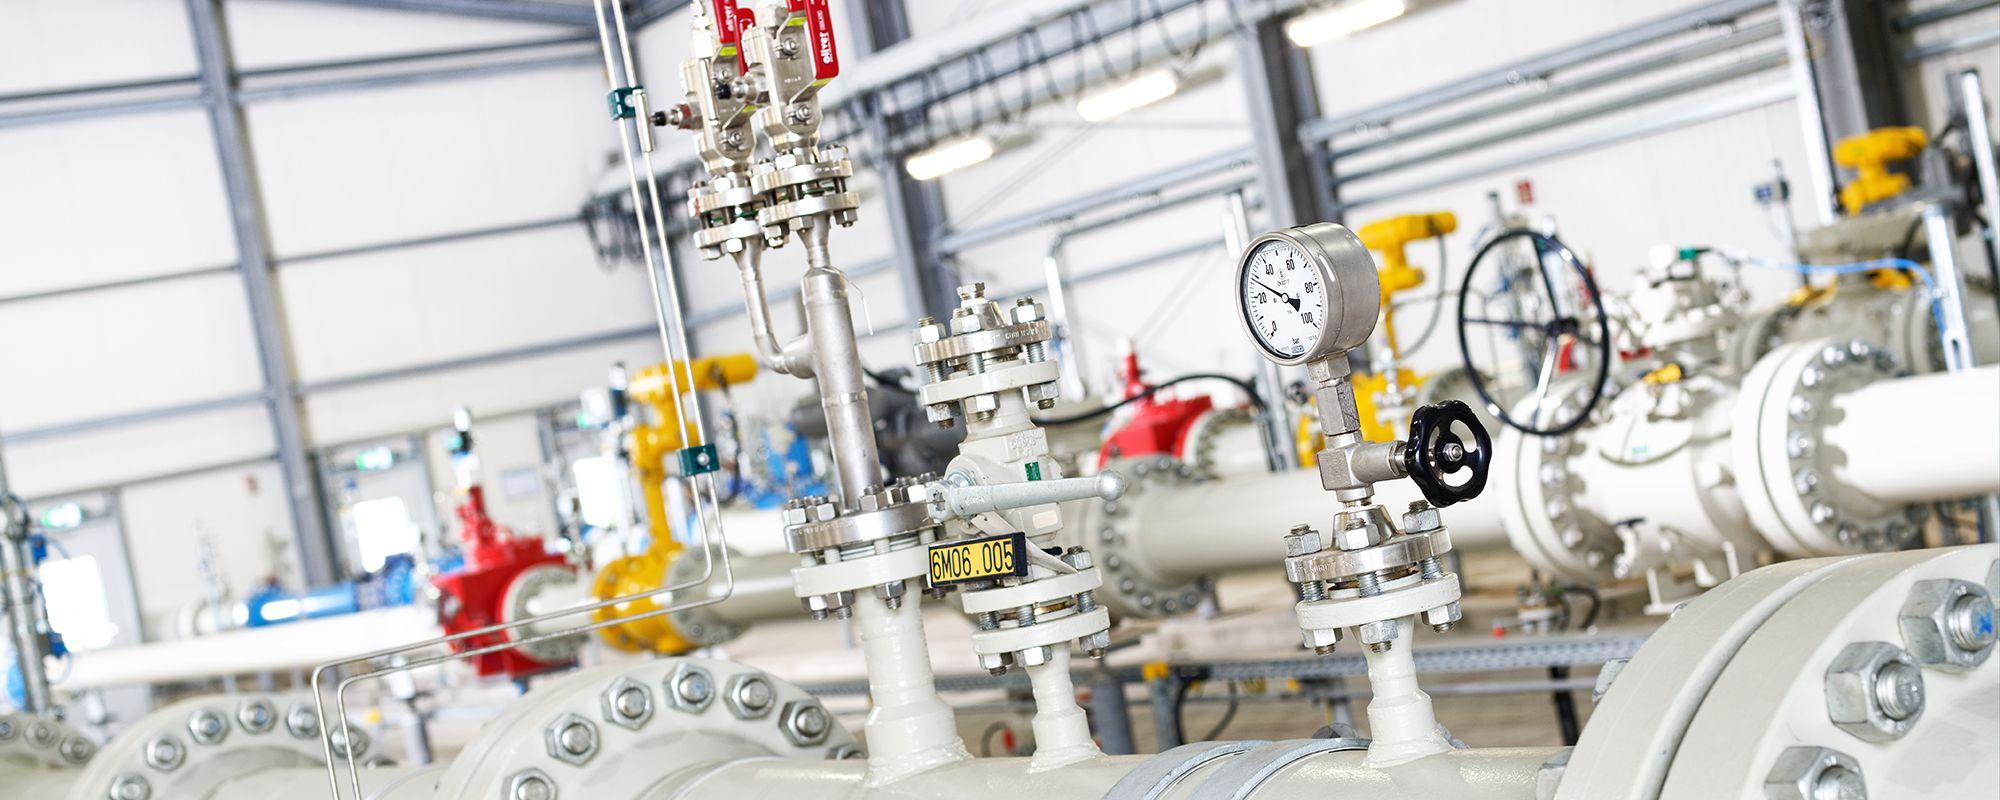 Nowega aus Münster betreibt und vermarktet rund 1.500 Kilometer Gashochdruckleitungen